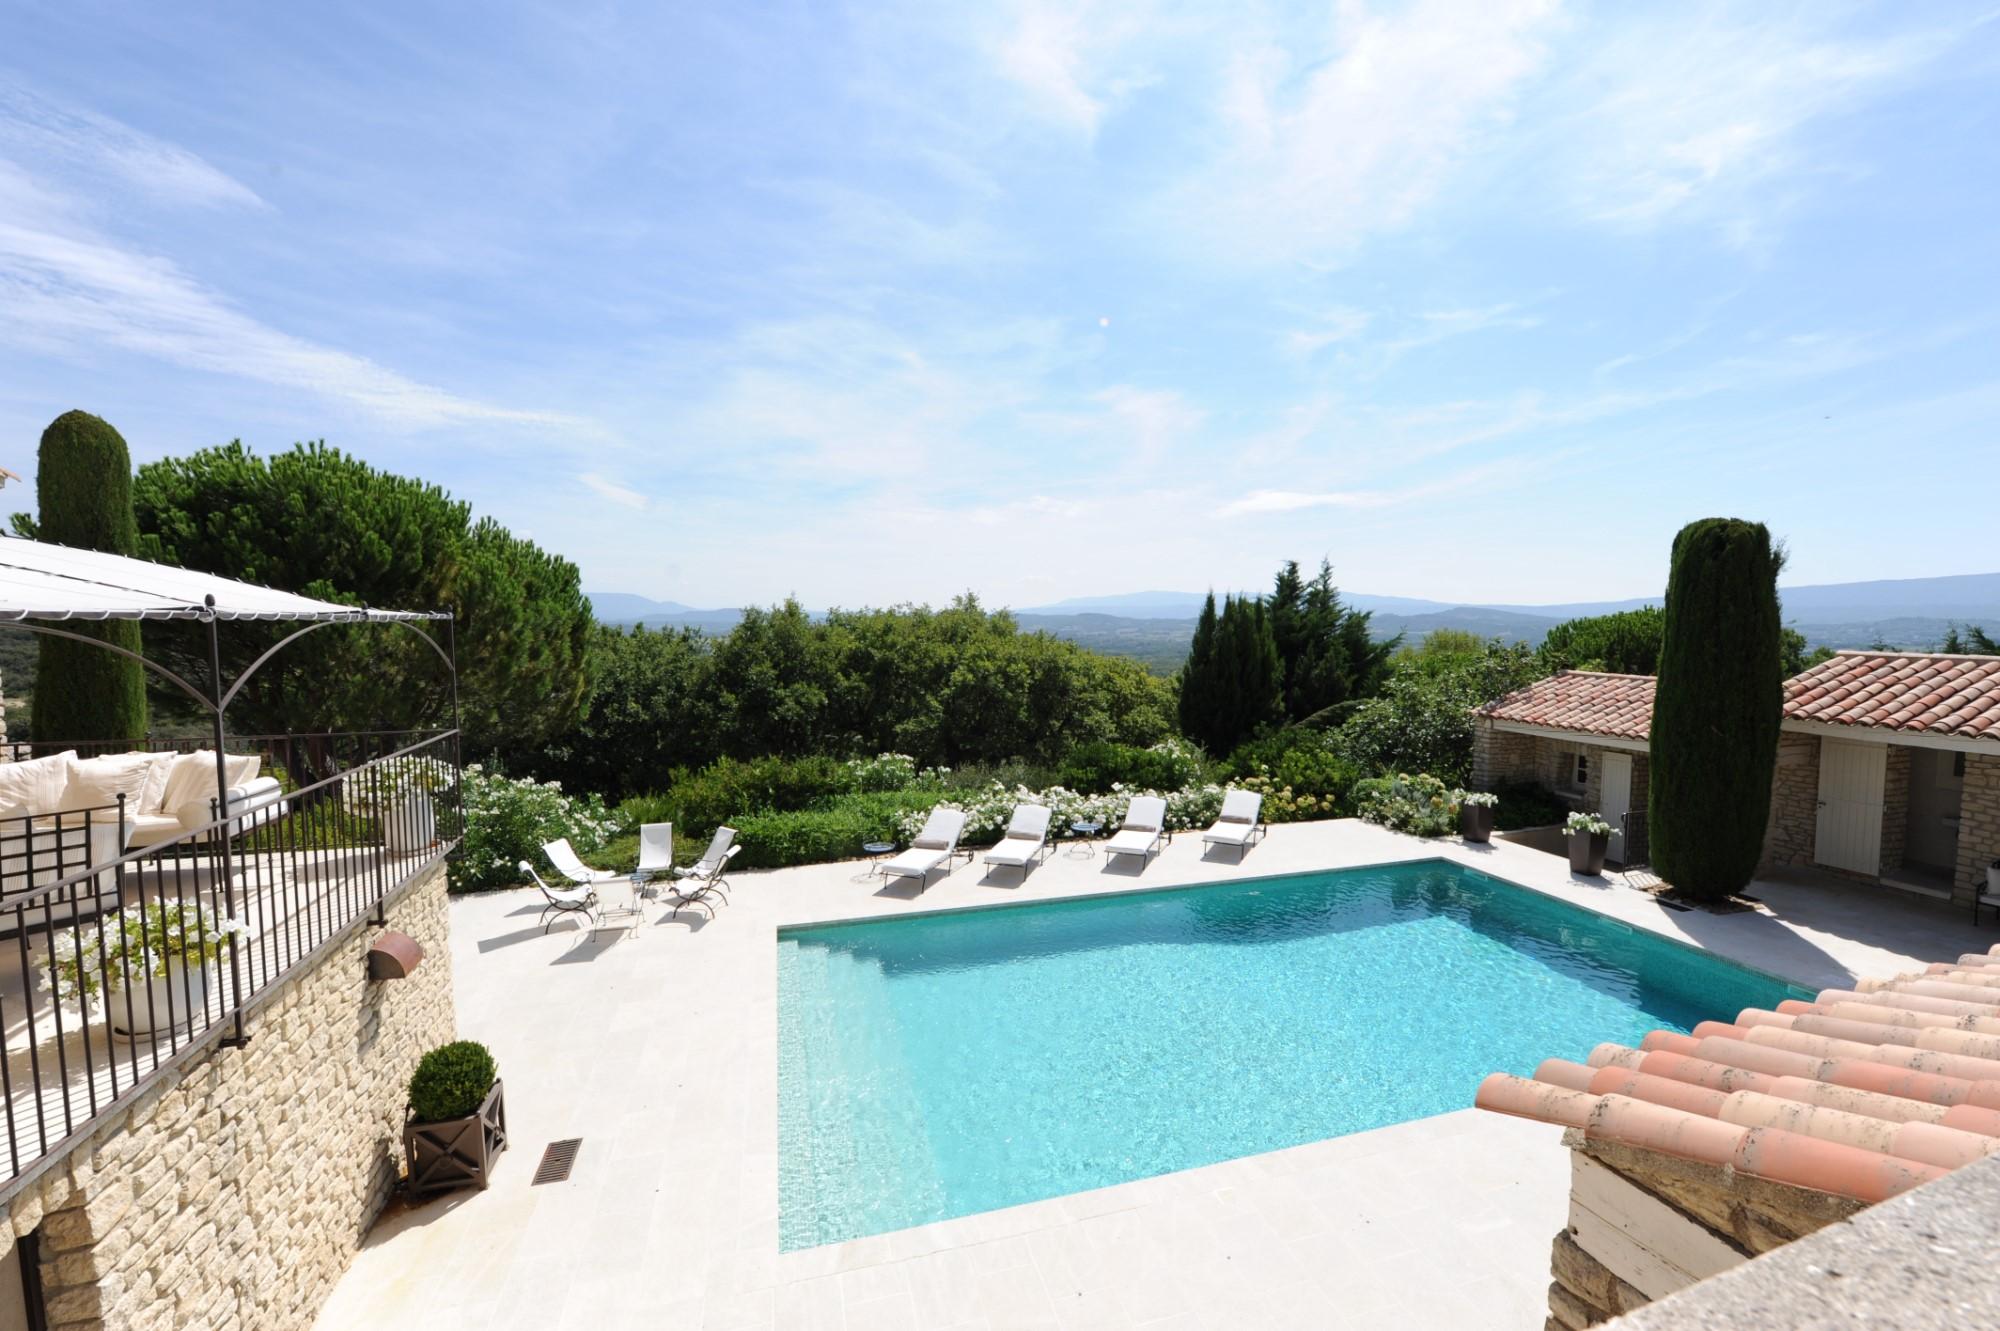 Propriété d'agrément avec parc paysager et piscine en Luberon